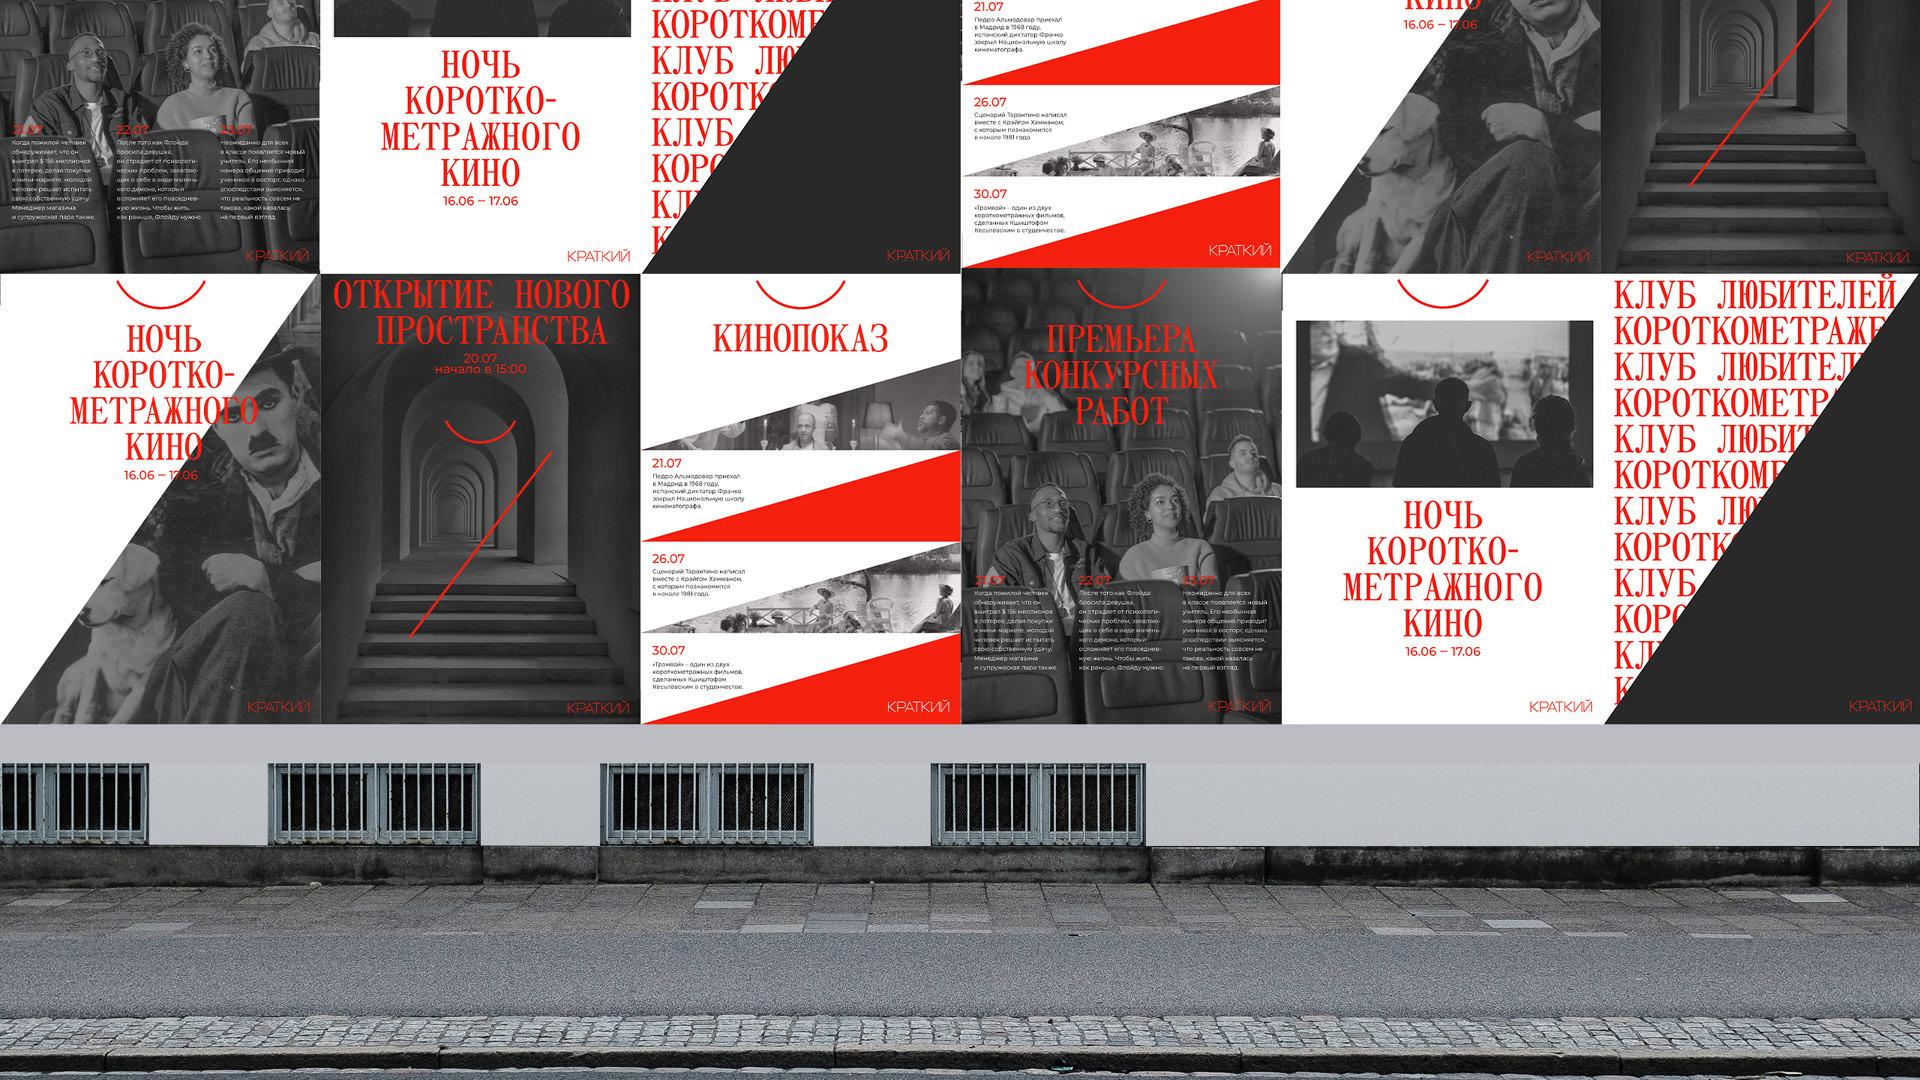 Short Film Lovers Club Identity Created by Student Alina Lomaeva